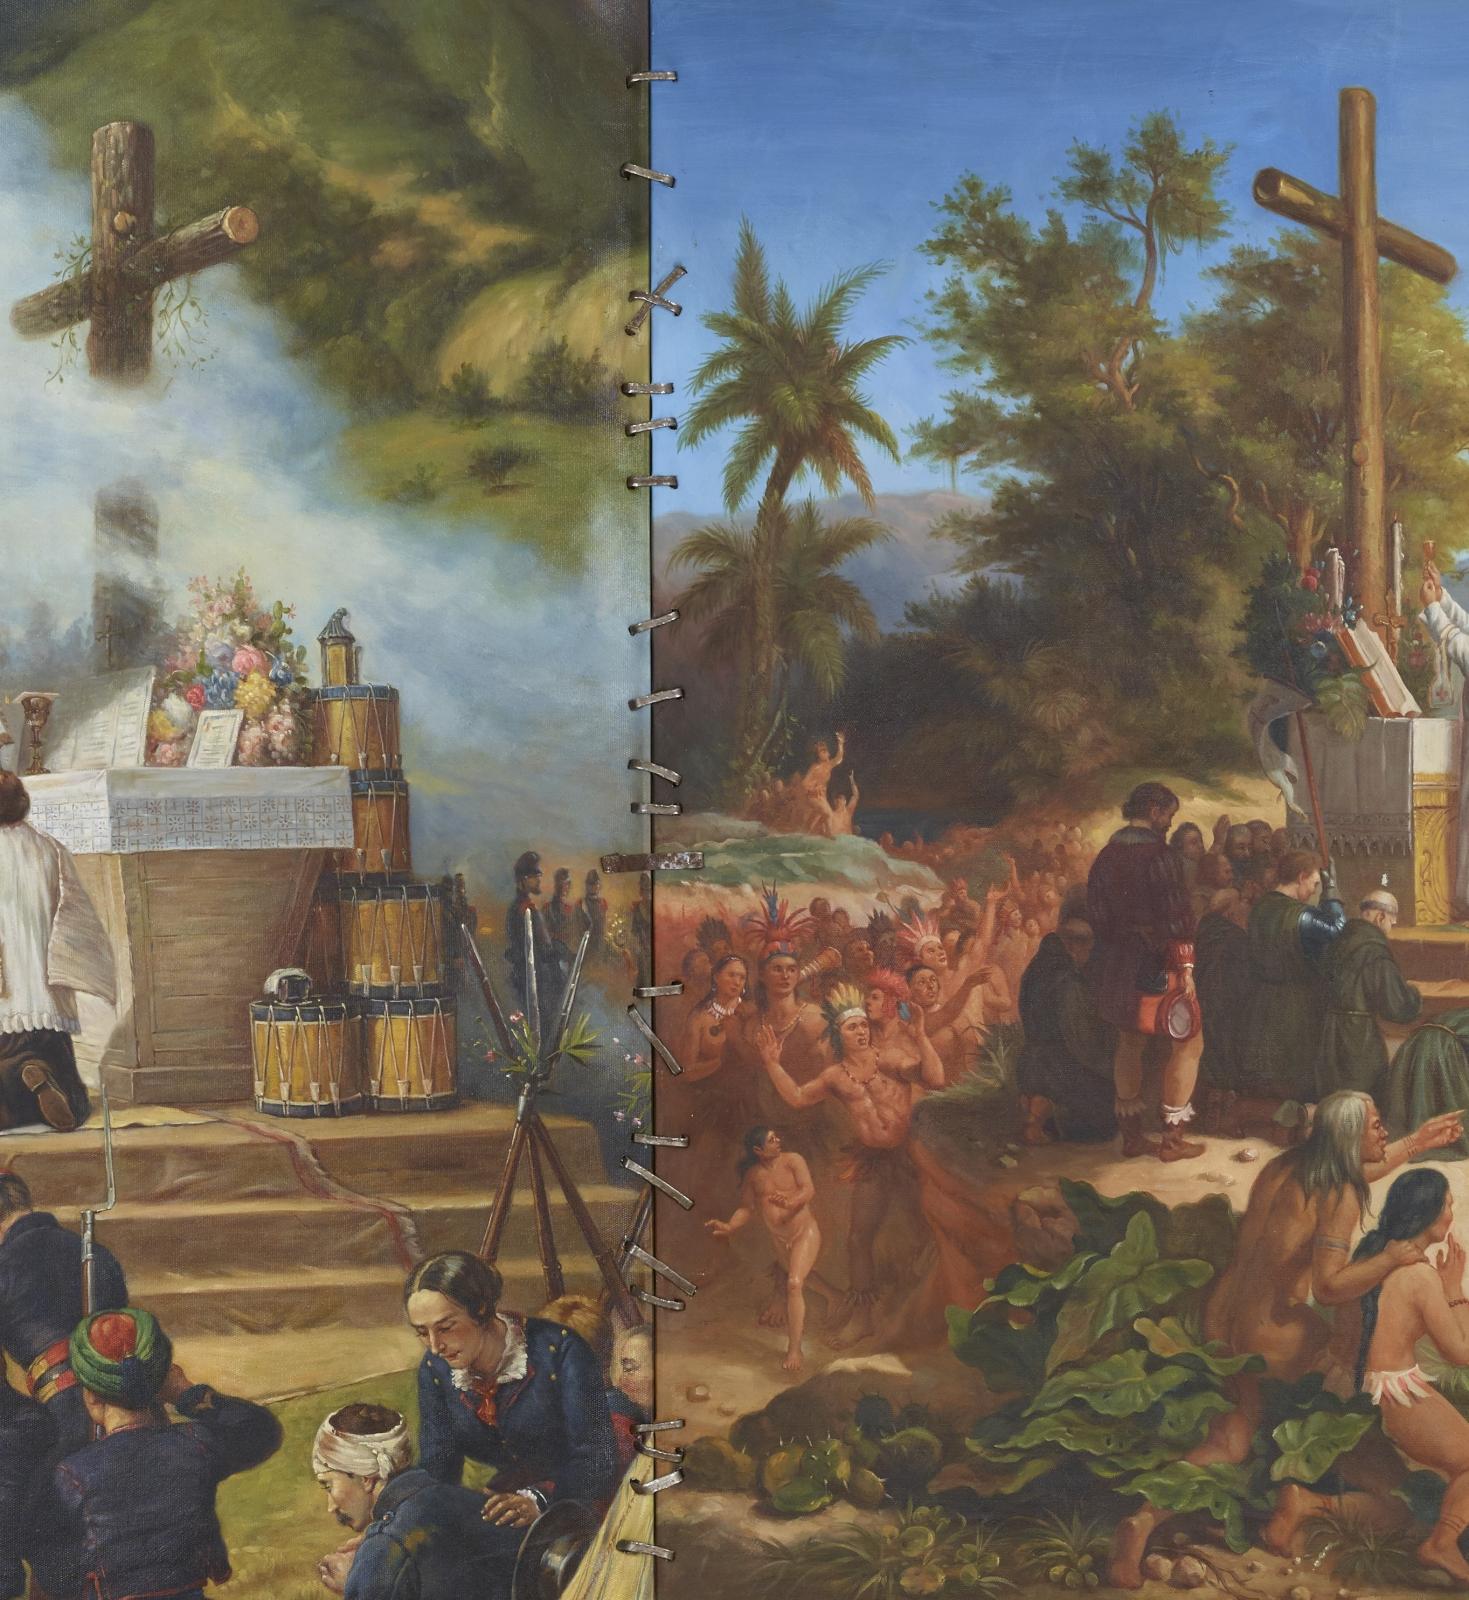 卡德·阿提亞 Colonial Modernity: the first mass in Brazil and Algeria (detail), 2014